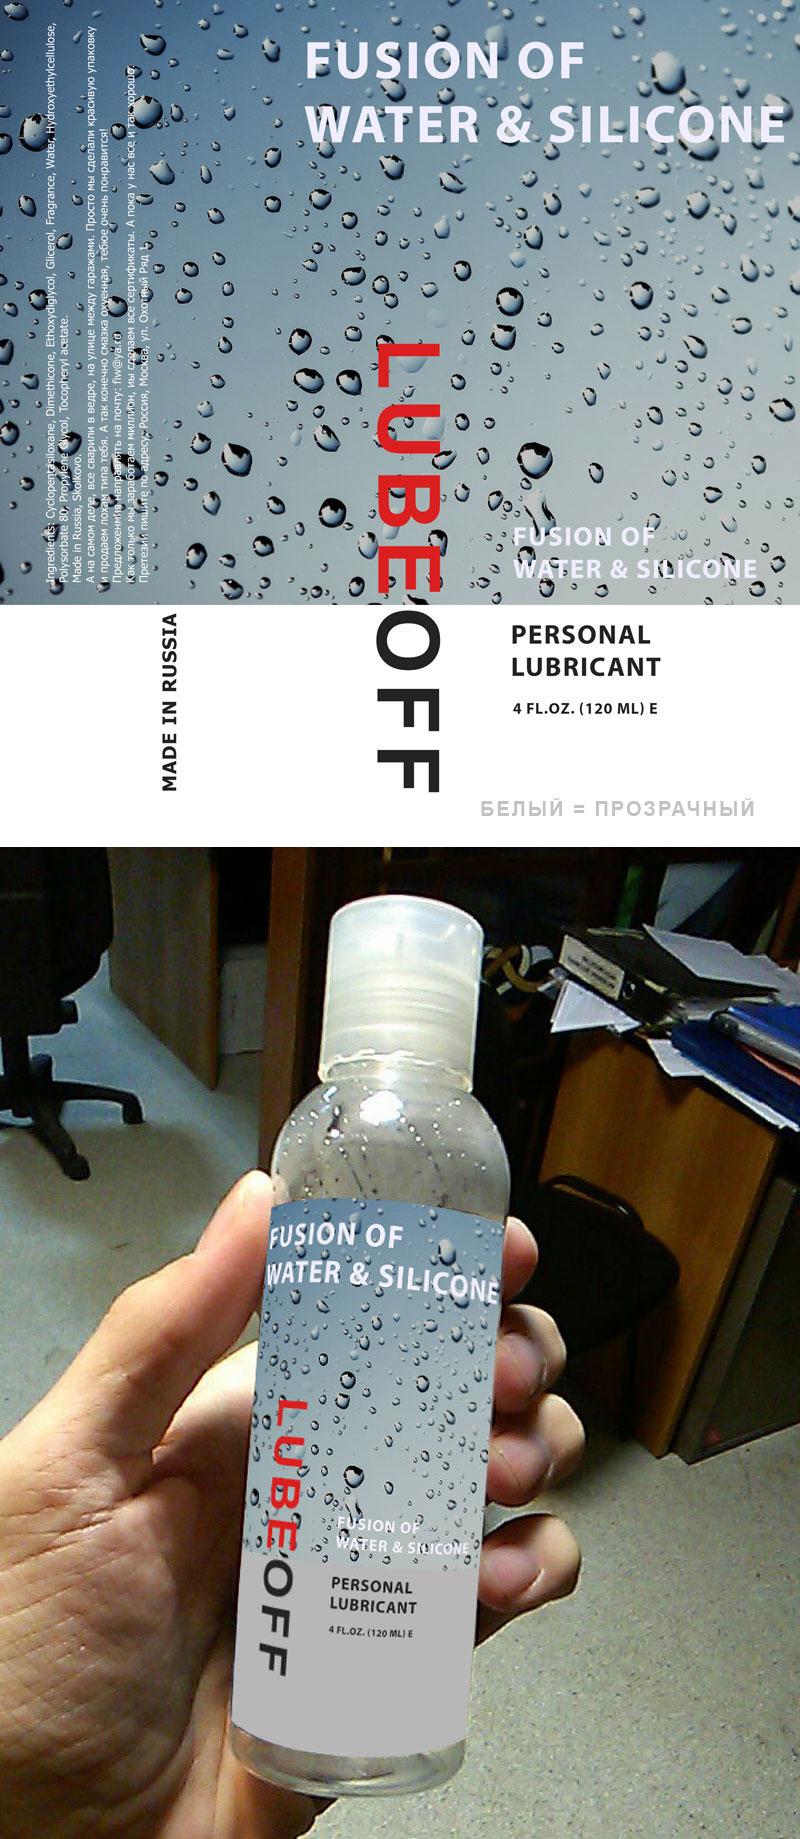 Разработка этикетки интимного геля смазки + брендбук. фото f_7015862c1fe85c20.jpg